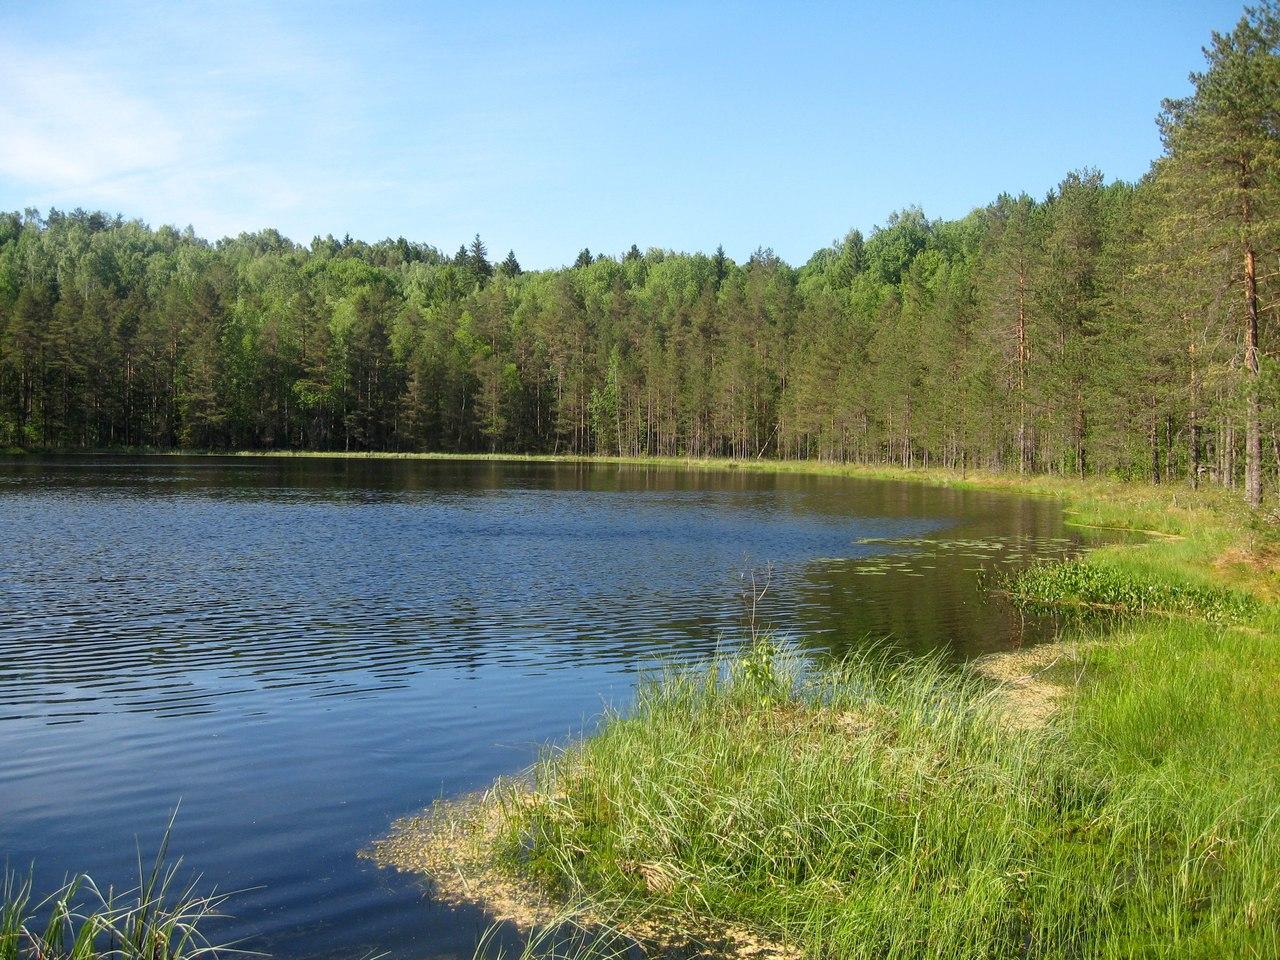 Отчет о походе Шапки - Кирсино-2018. Четыре лесных озера и Царь-дерево. (Много фотографий природы!)